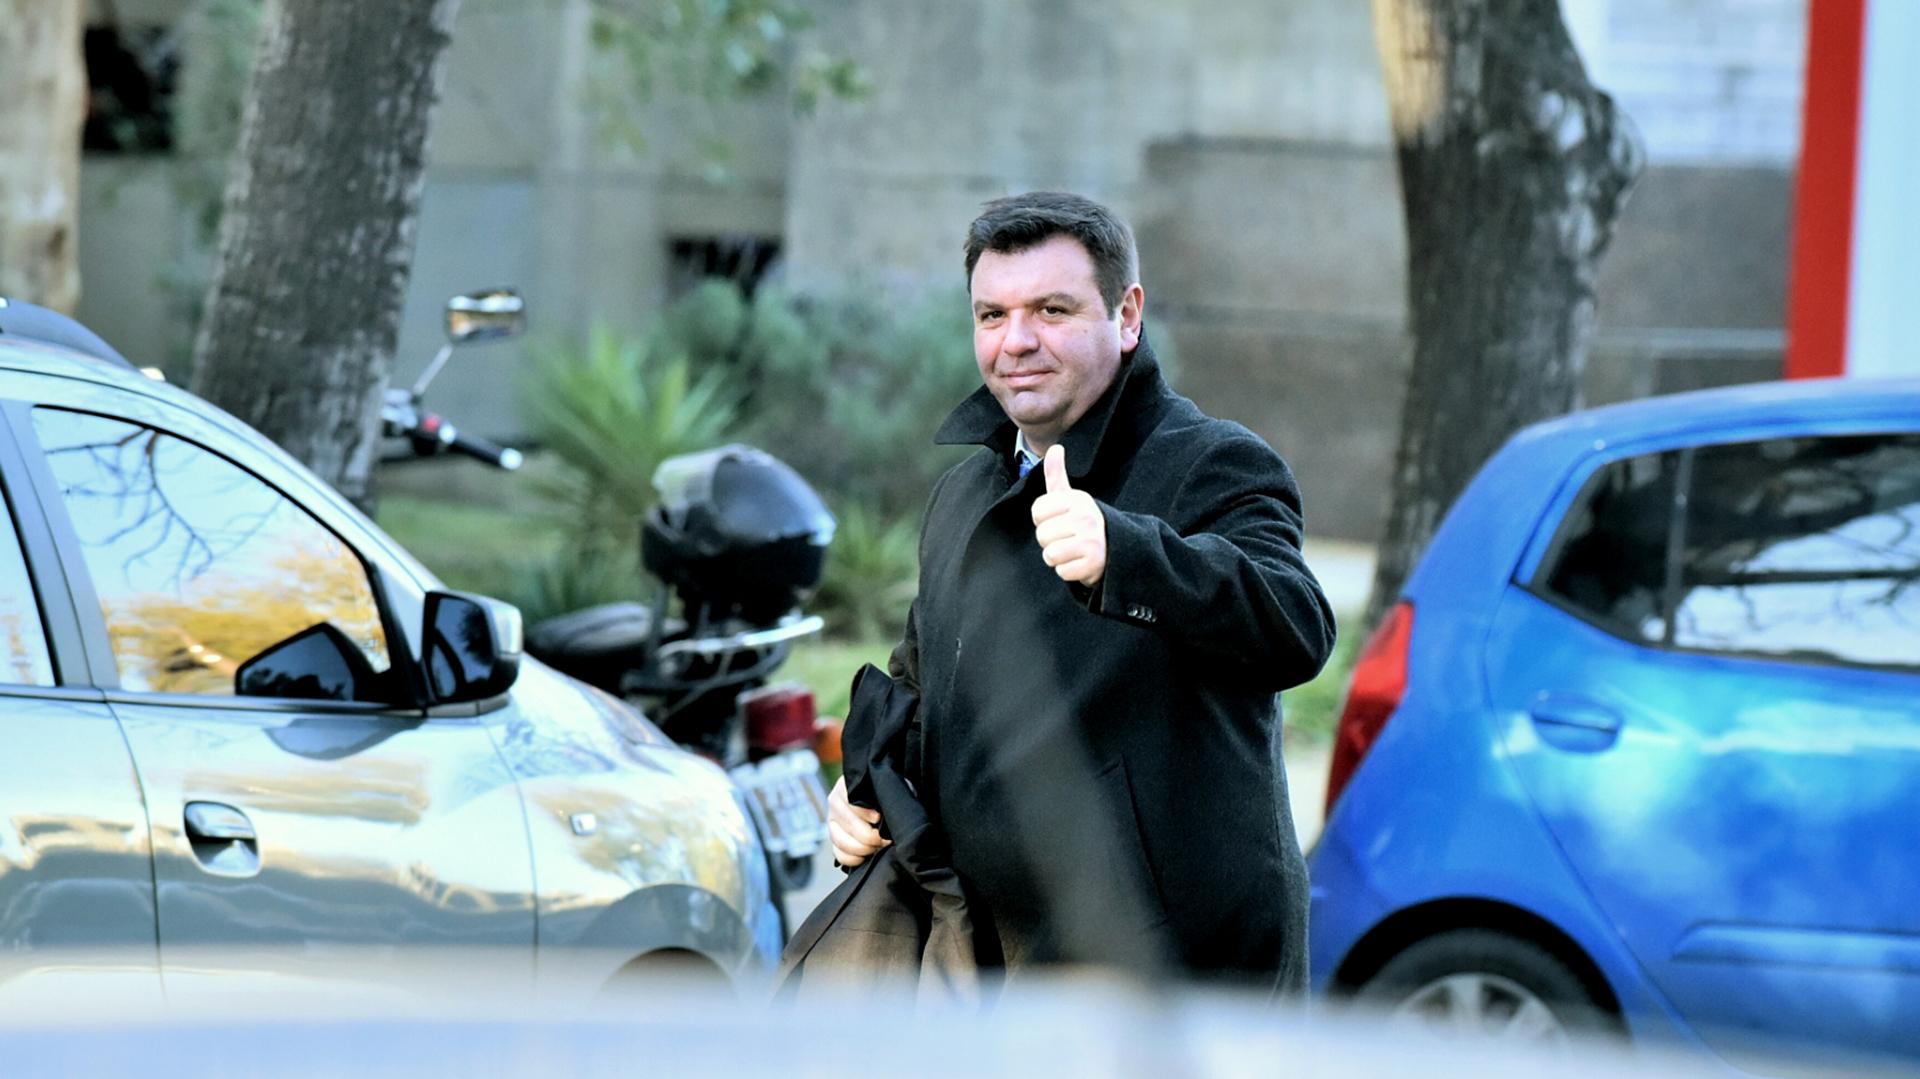 Ariel Lijo envió el expediente del caso al fiscal Jorge Di Lello (Adrián Escandar)